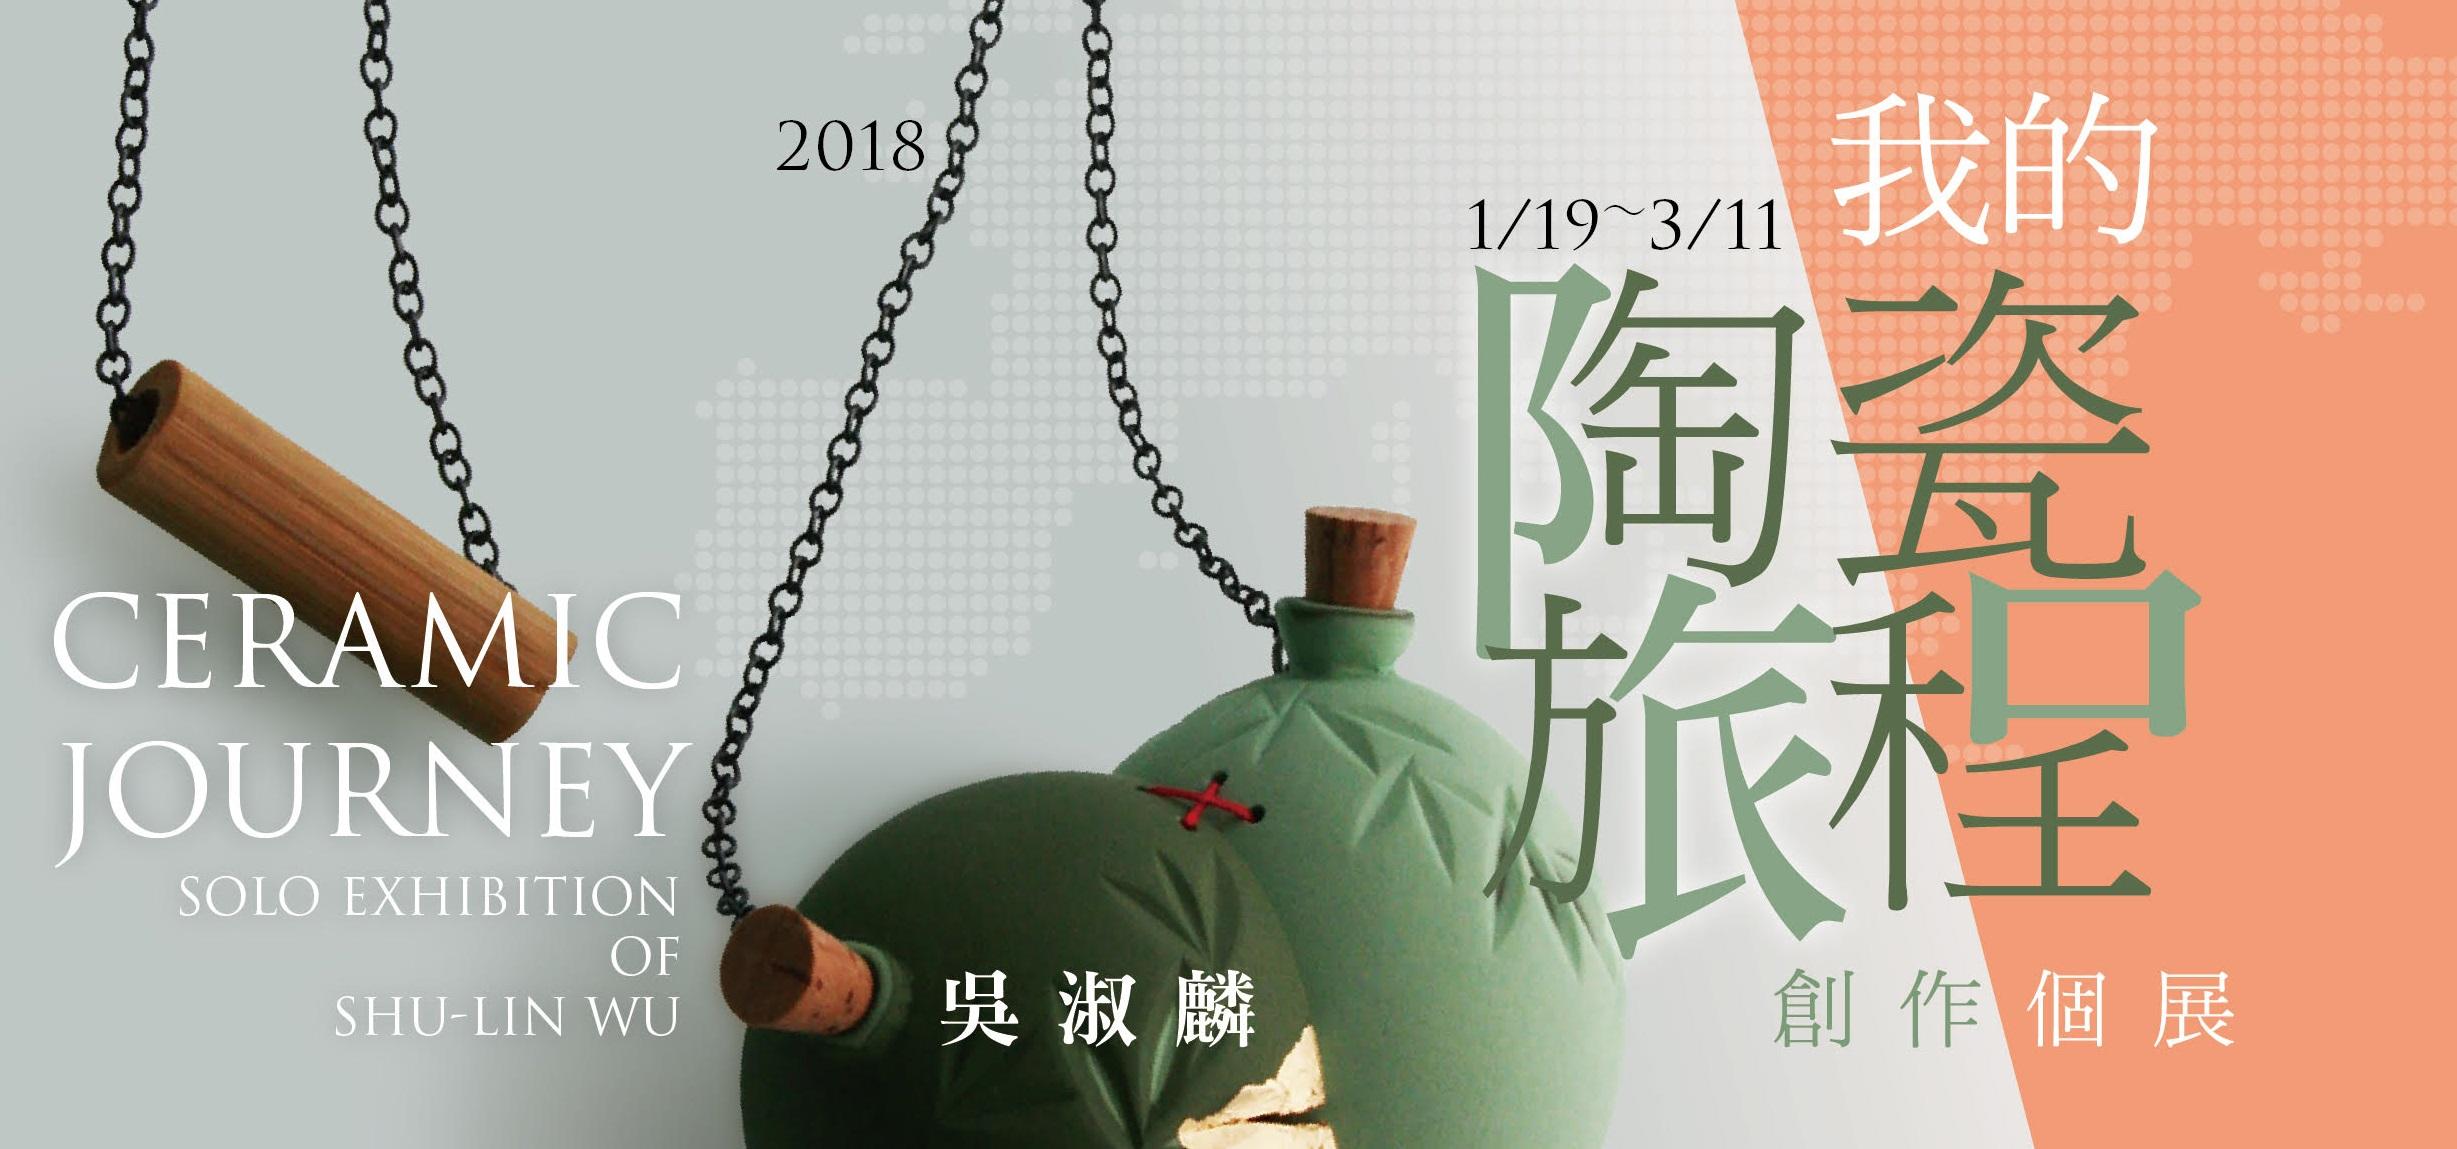 我的陶瓷旅程─吳淑麟創作個展